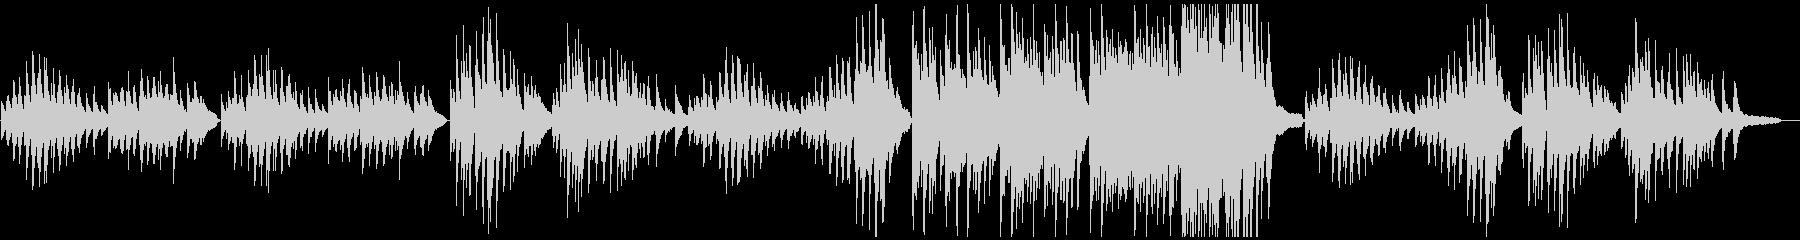 日常の表現に適した有名ピアノソロ曲の未再生の波形